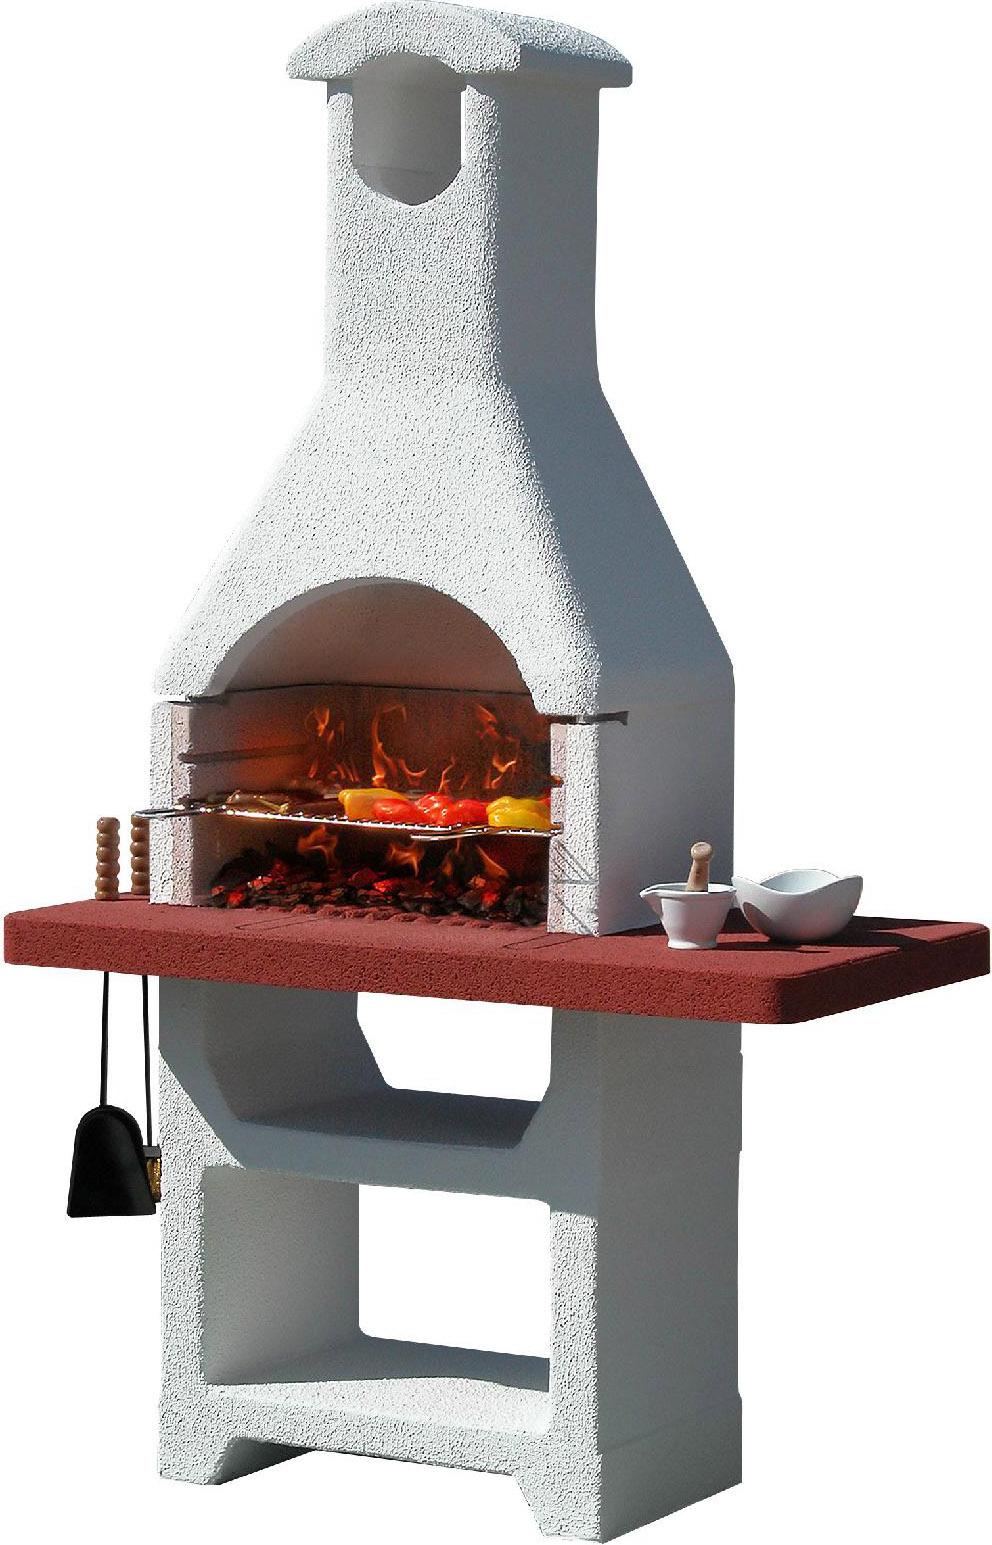 Sunday grill barbecue in muratura con cappa bbq griglia for Barbecue sunday